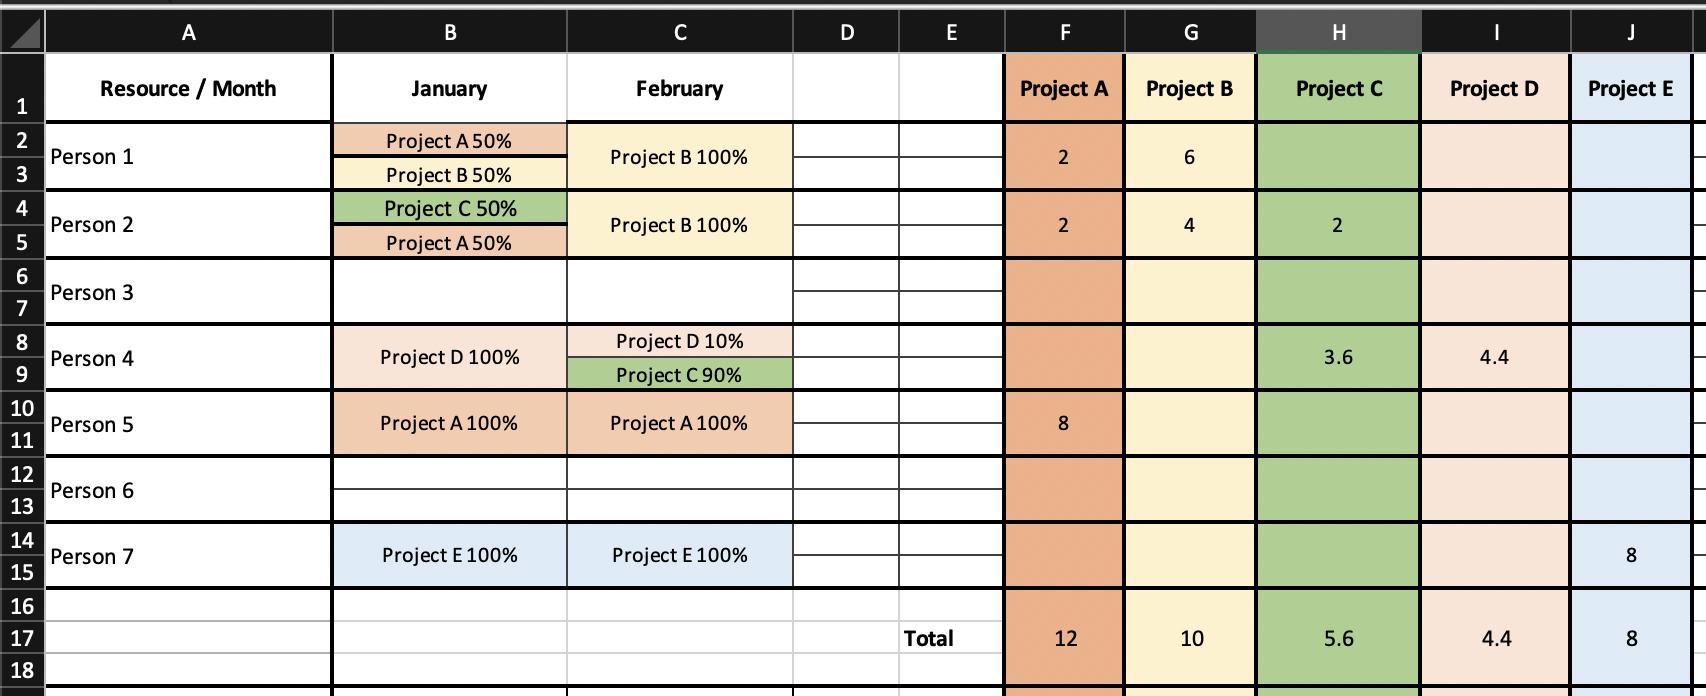 Снимок экрана с таблицей распределения ресурсов проекта